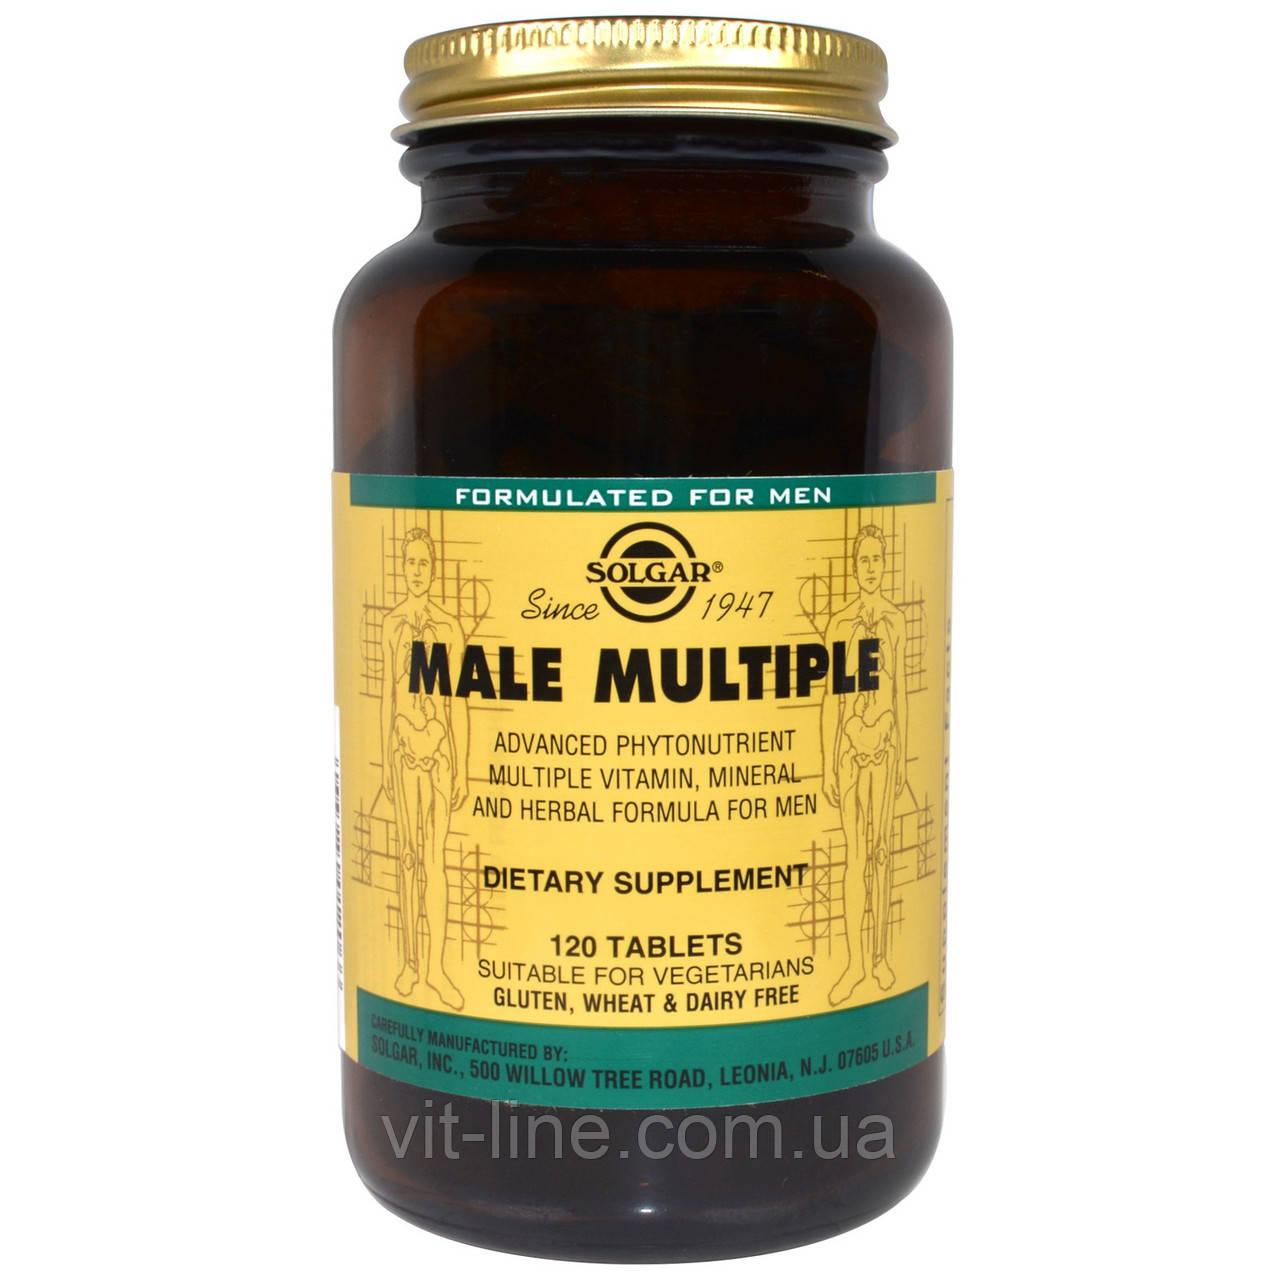 Витамины для мужчин Solgar, Male Multiple, 120 Tablets